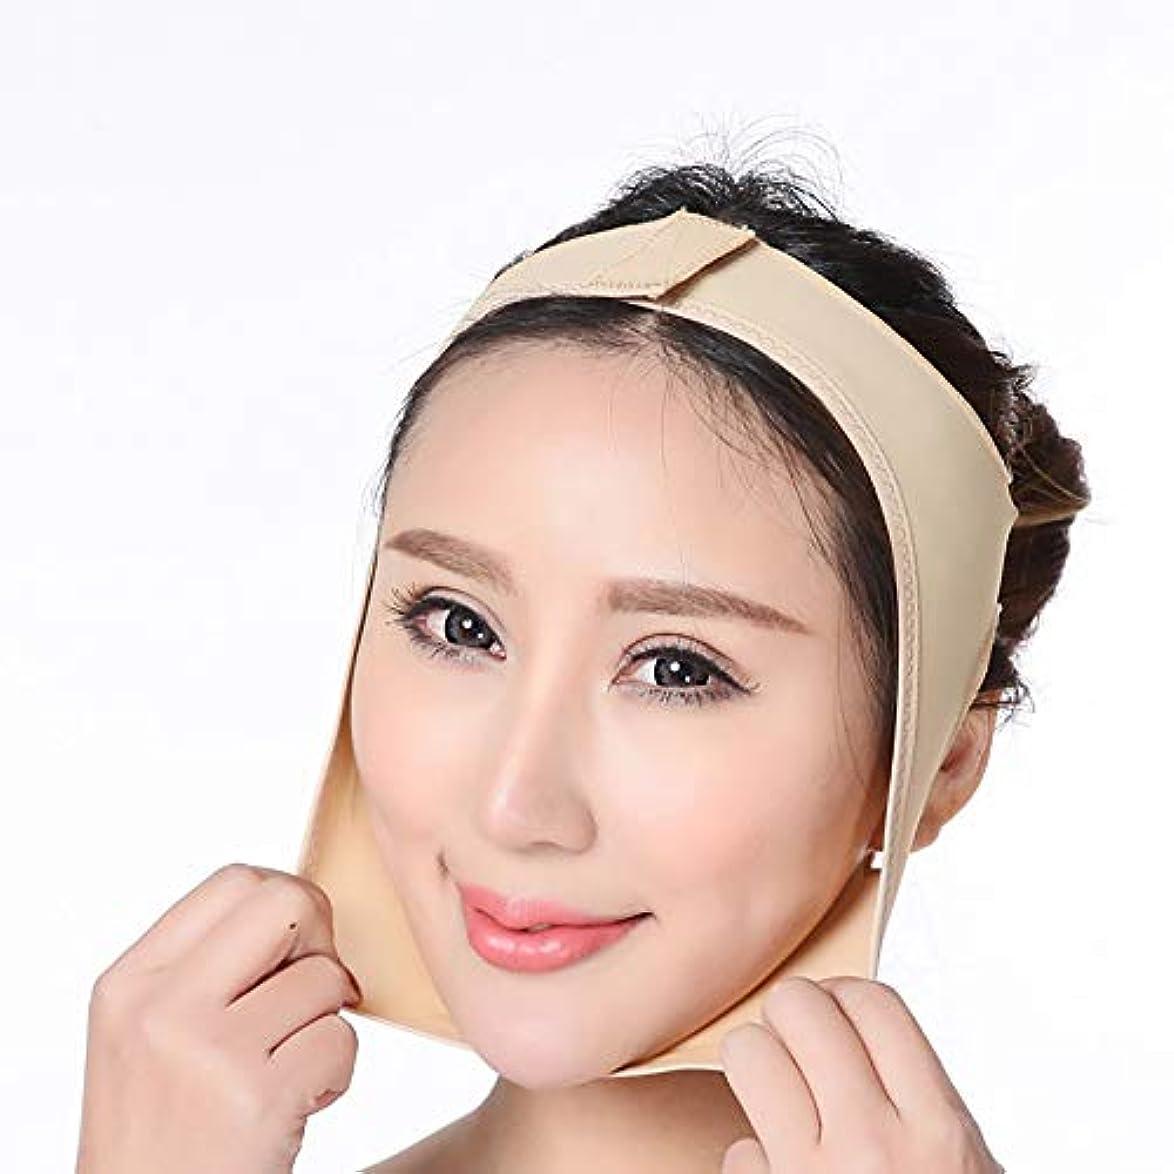 小間軽く豊かにする改善された二重あご反しわアンチエイジング顔slim身包帯、通気性と快適な弾性顔マッサージ、S/M/L/XL